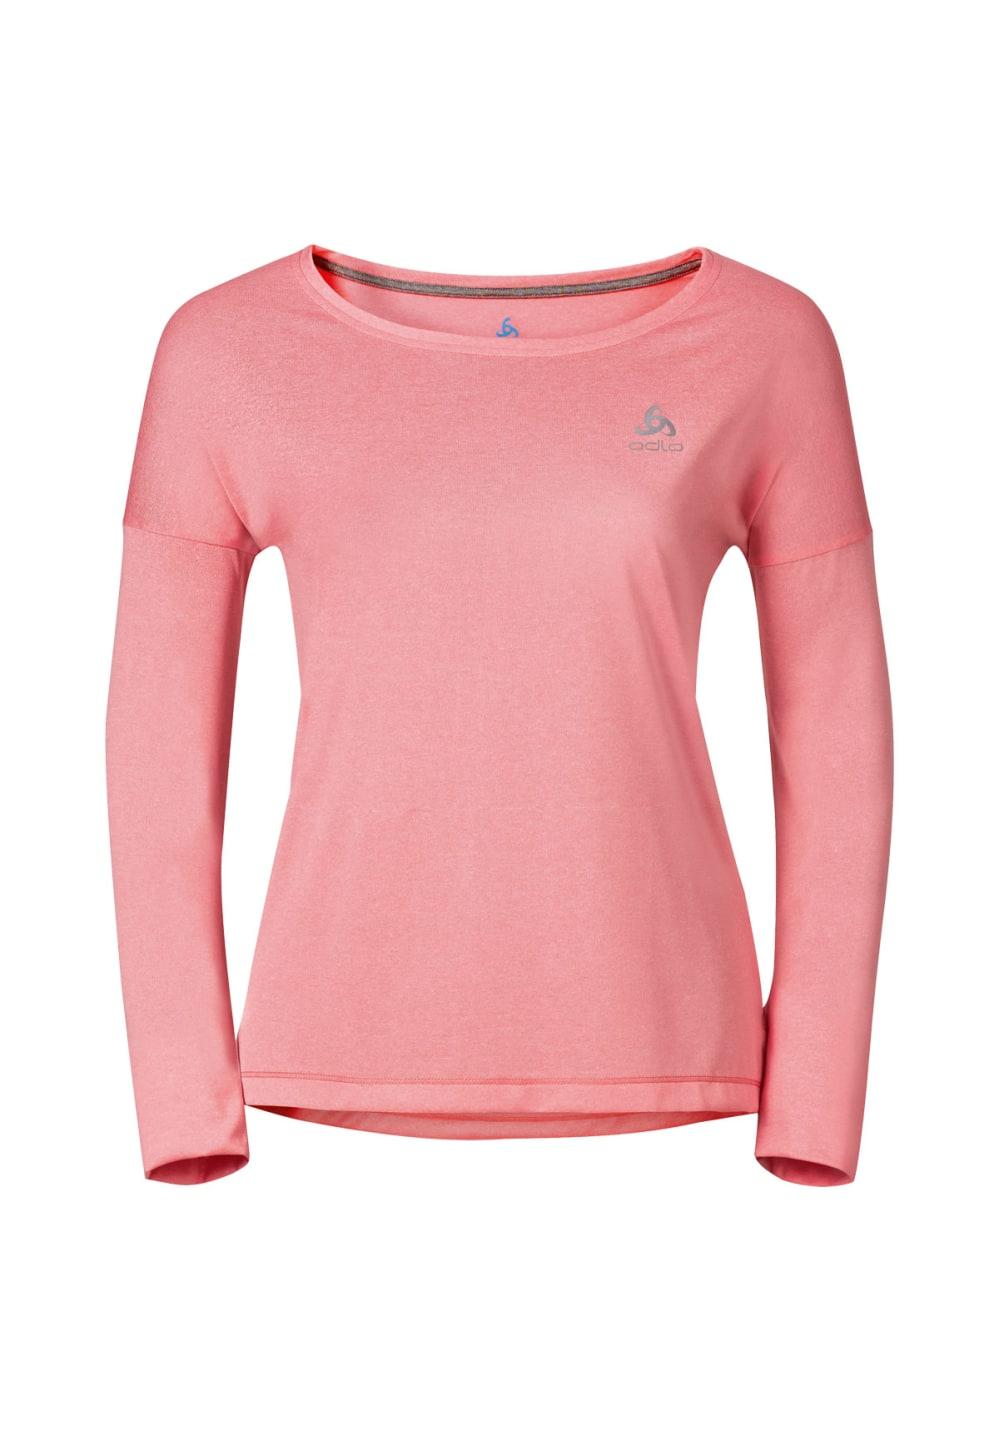 Odlo t shirt long sleeve tebe running tops for women for Long sleeve running shirt womens